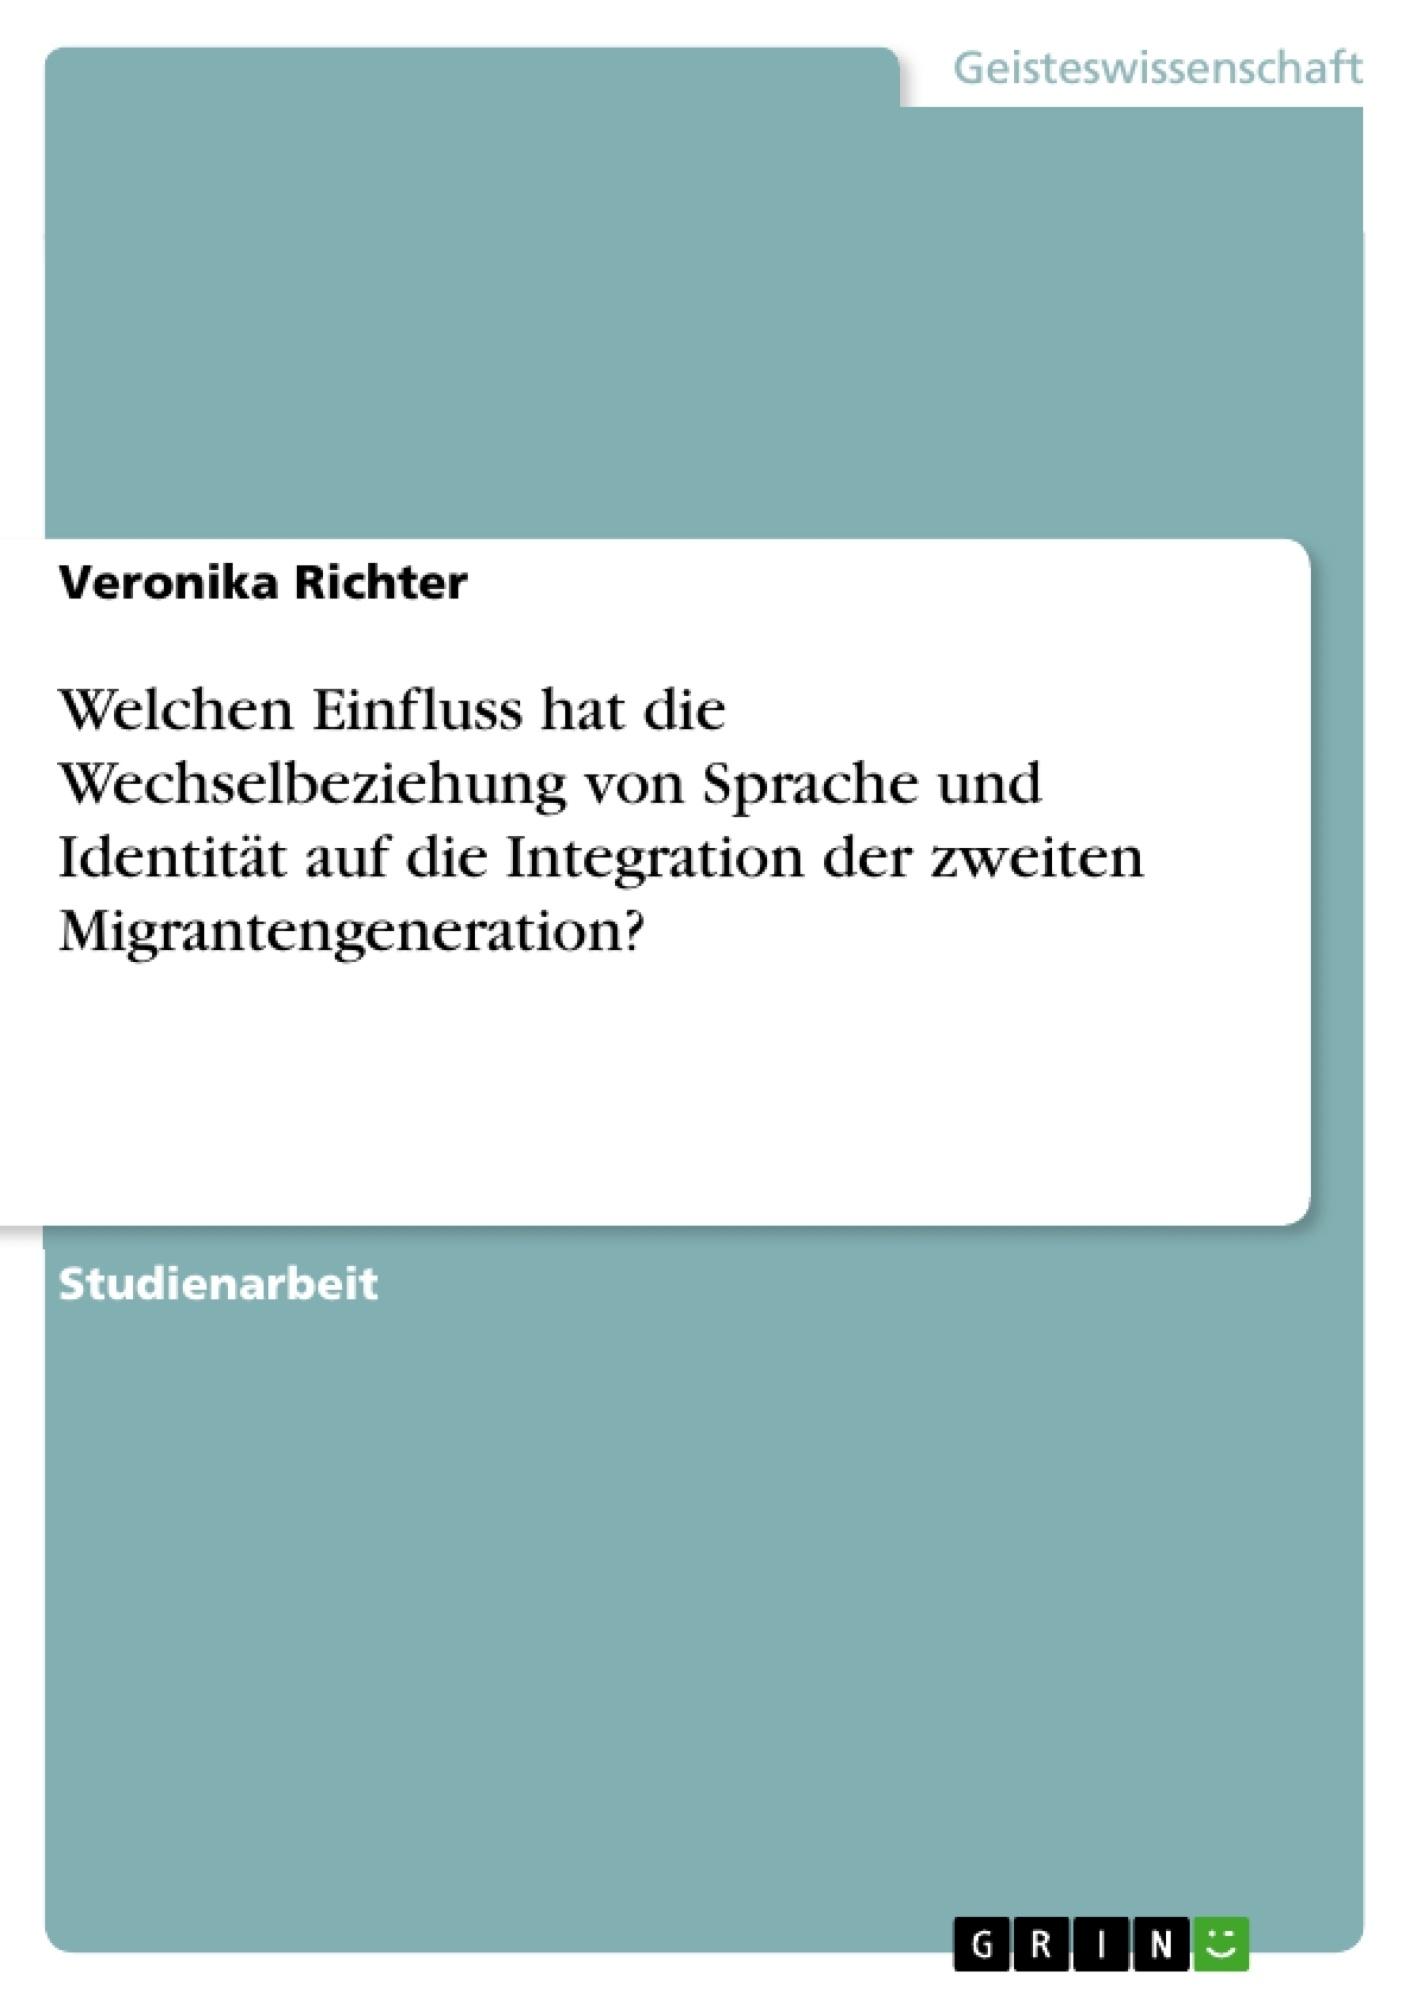 Titel: Welchen Einfluss hat die Wechselbeziehung von Sprache und Identität auf die Integration der zweiten Migrantengeneration?